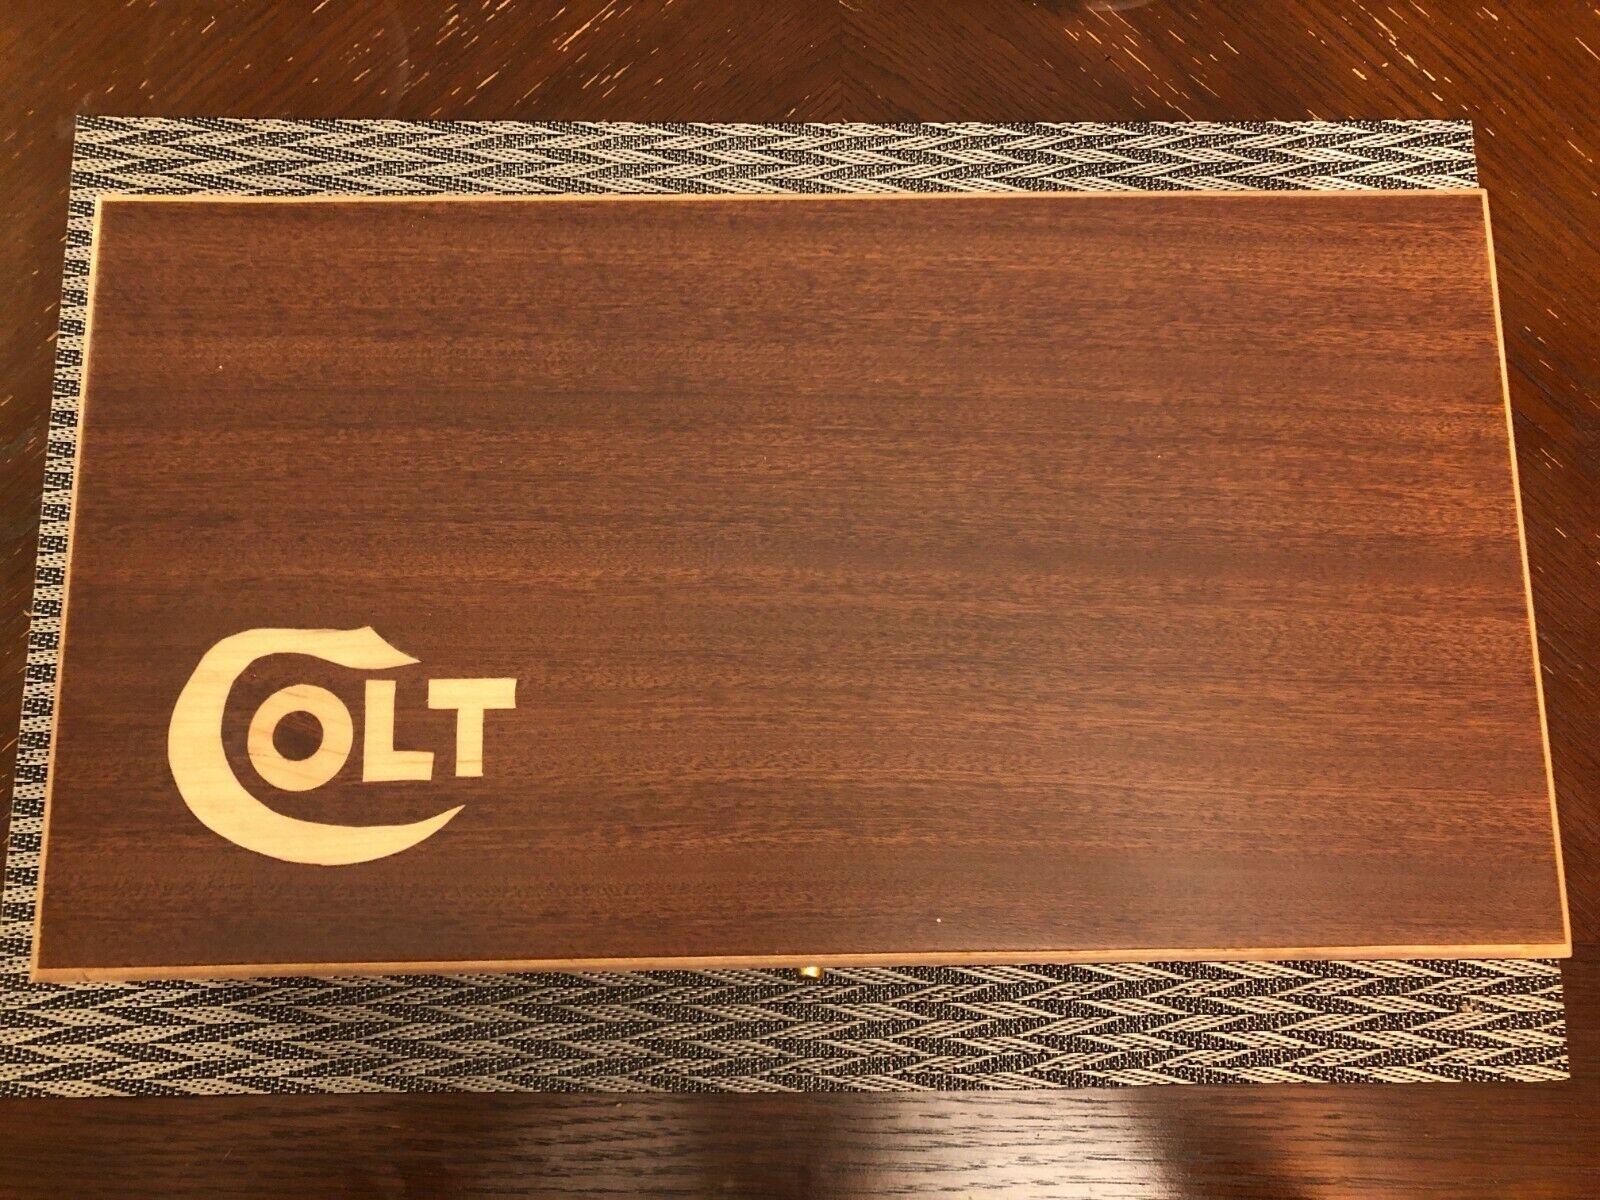 Mano hecha a mano Colt cajas de almacenaje de madera sólida, caso de pistola, caja de presentación Caja de joyería.